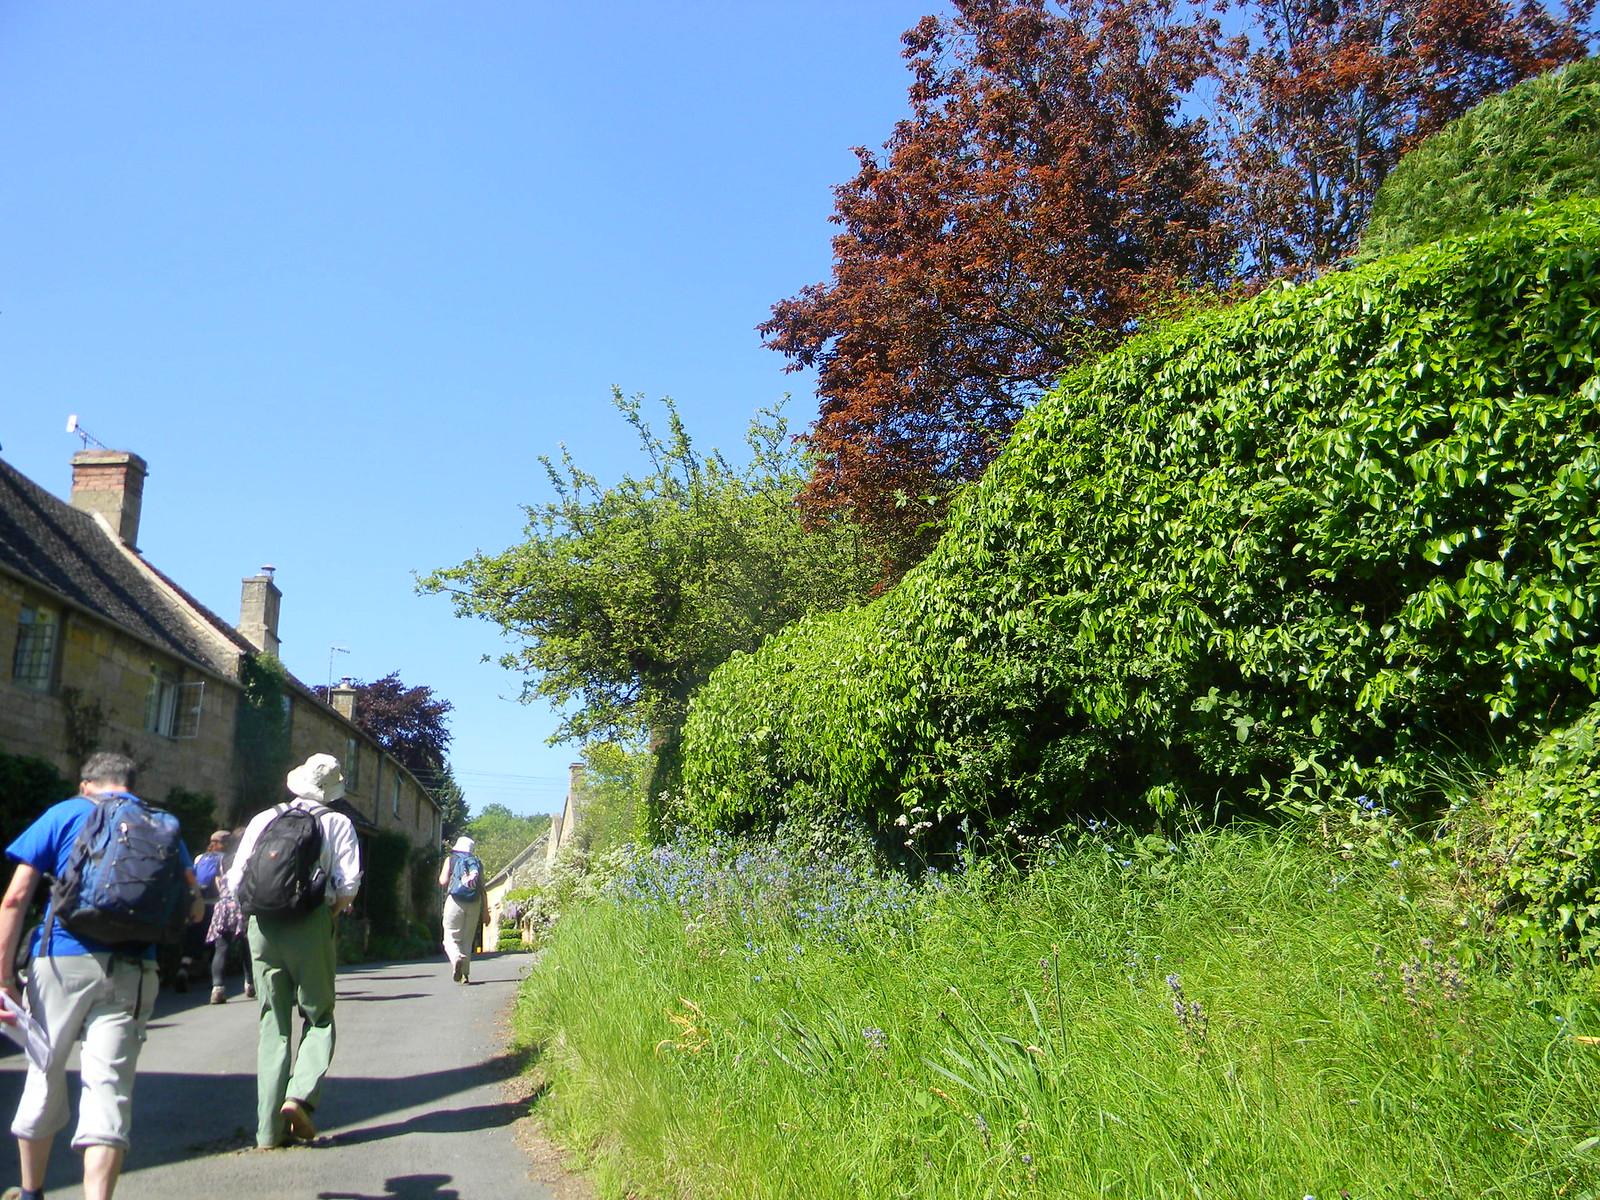 Diverting to Chipping Camden Going through Broad Camden Moreton-in-Marsh Circular